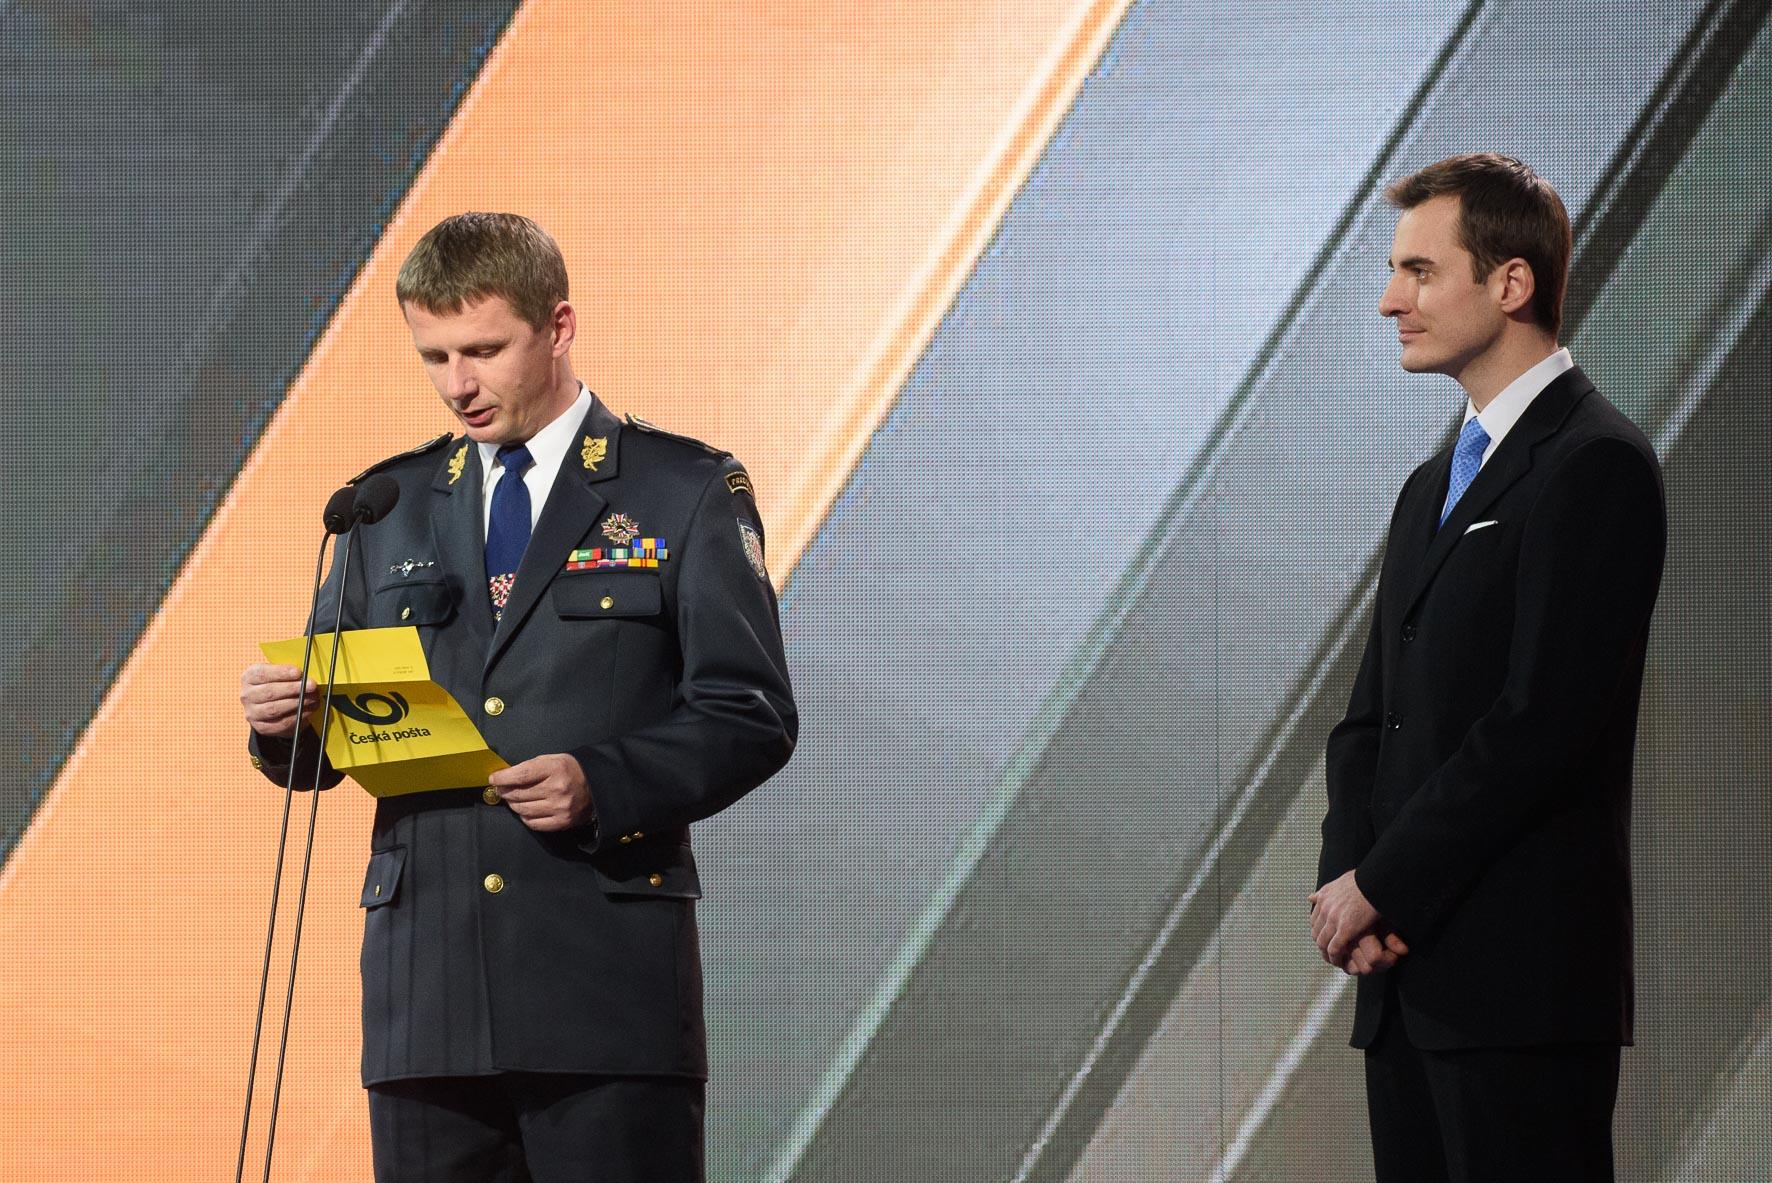 anketa-dobrovolni-hasici-roku-2015-vyhlaseni-vysledku-zdenek-milan